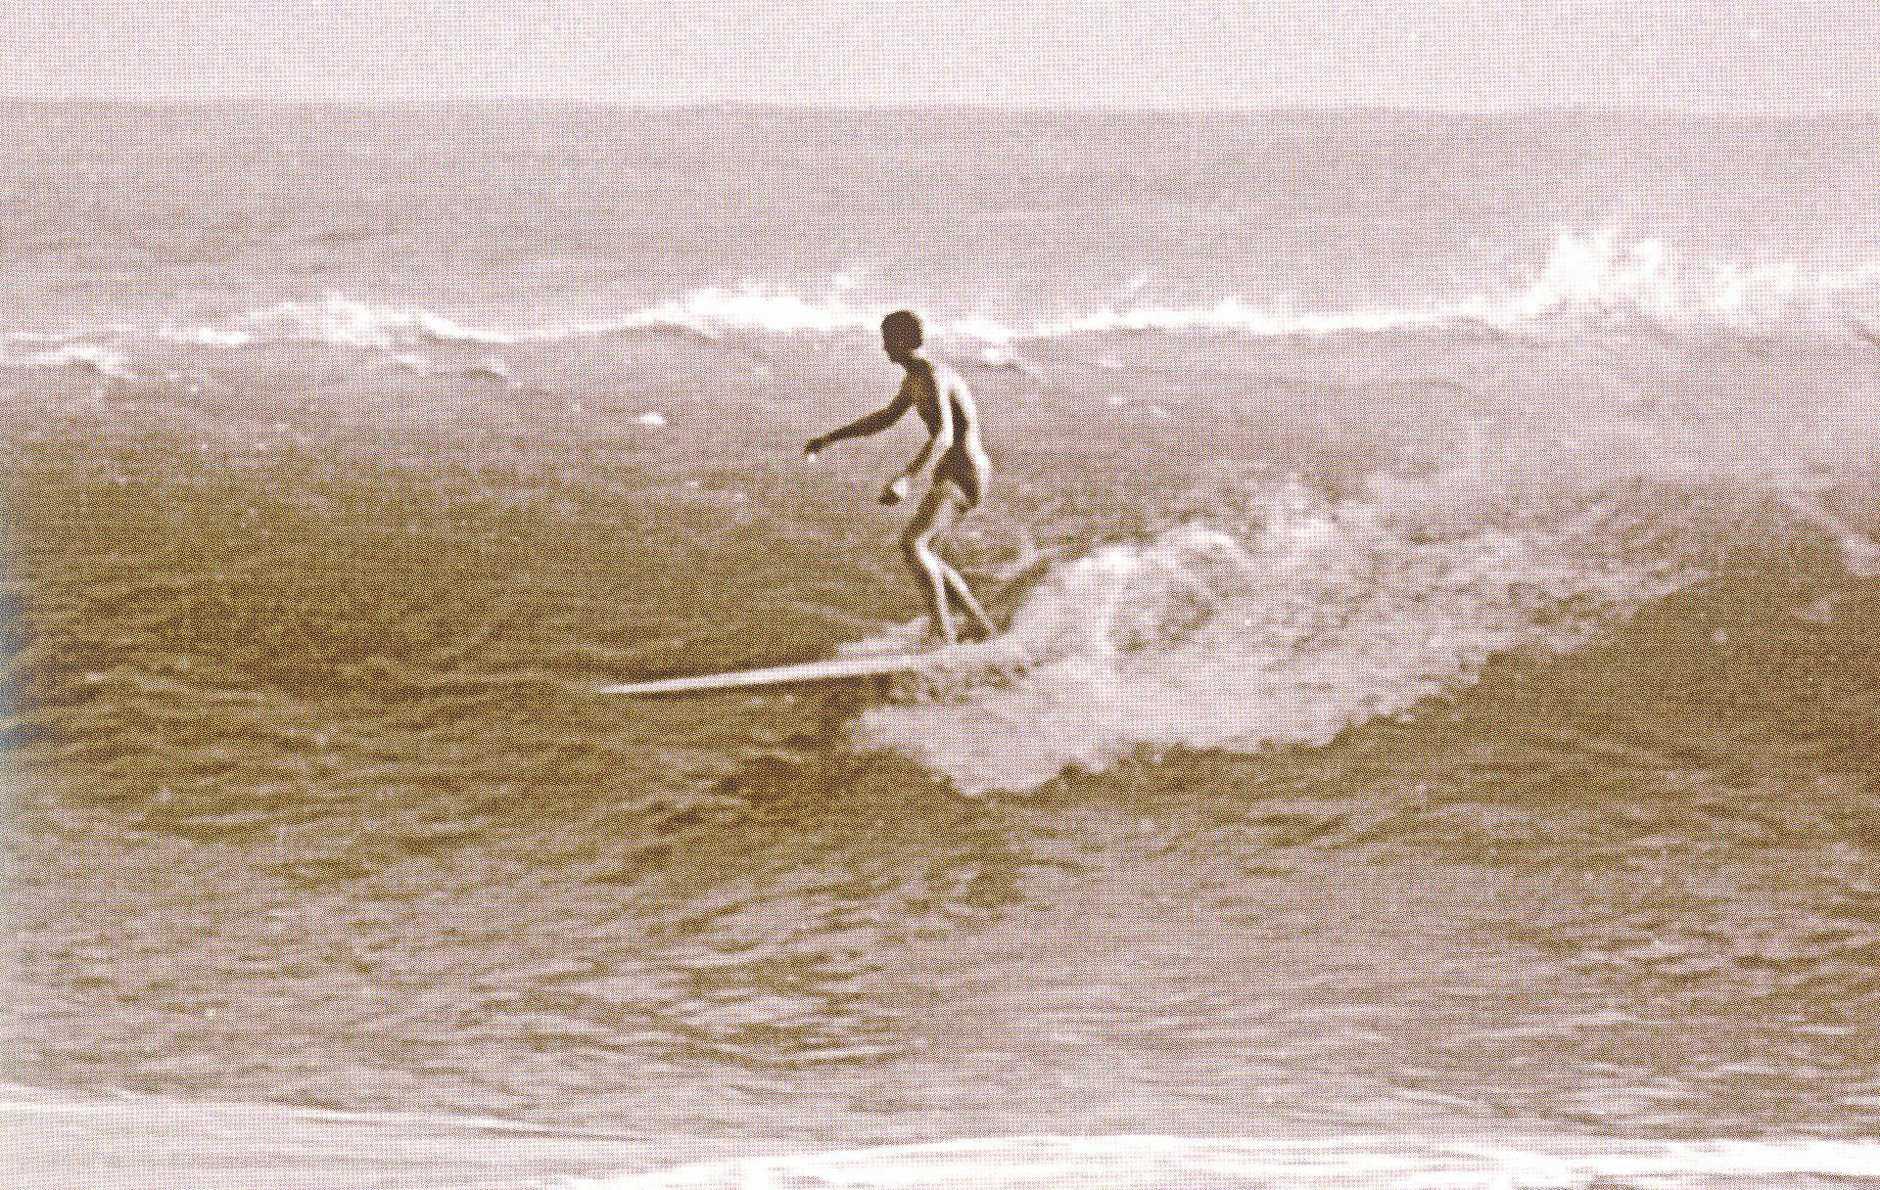 Hayden Surfcraft founder Hayden Kenny catching a break at Noosa.